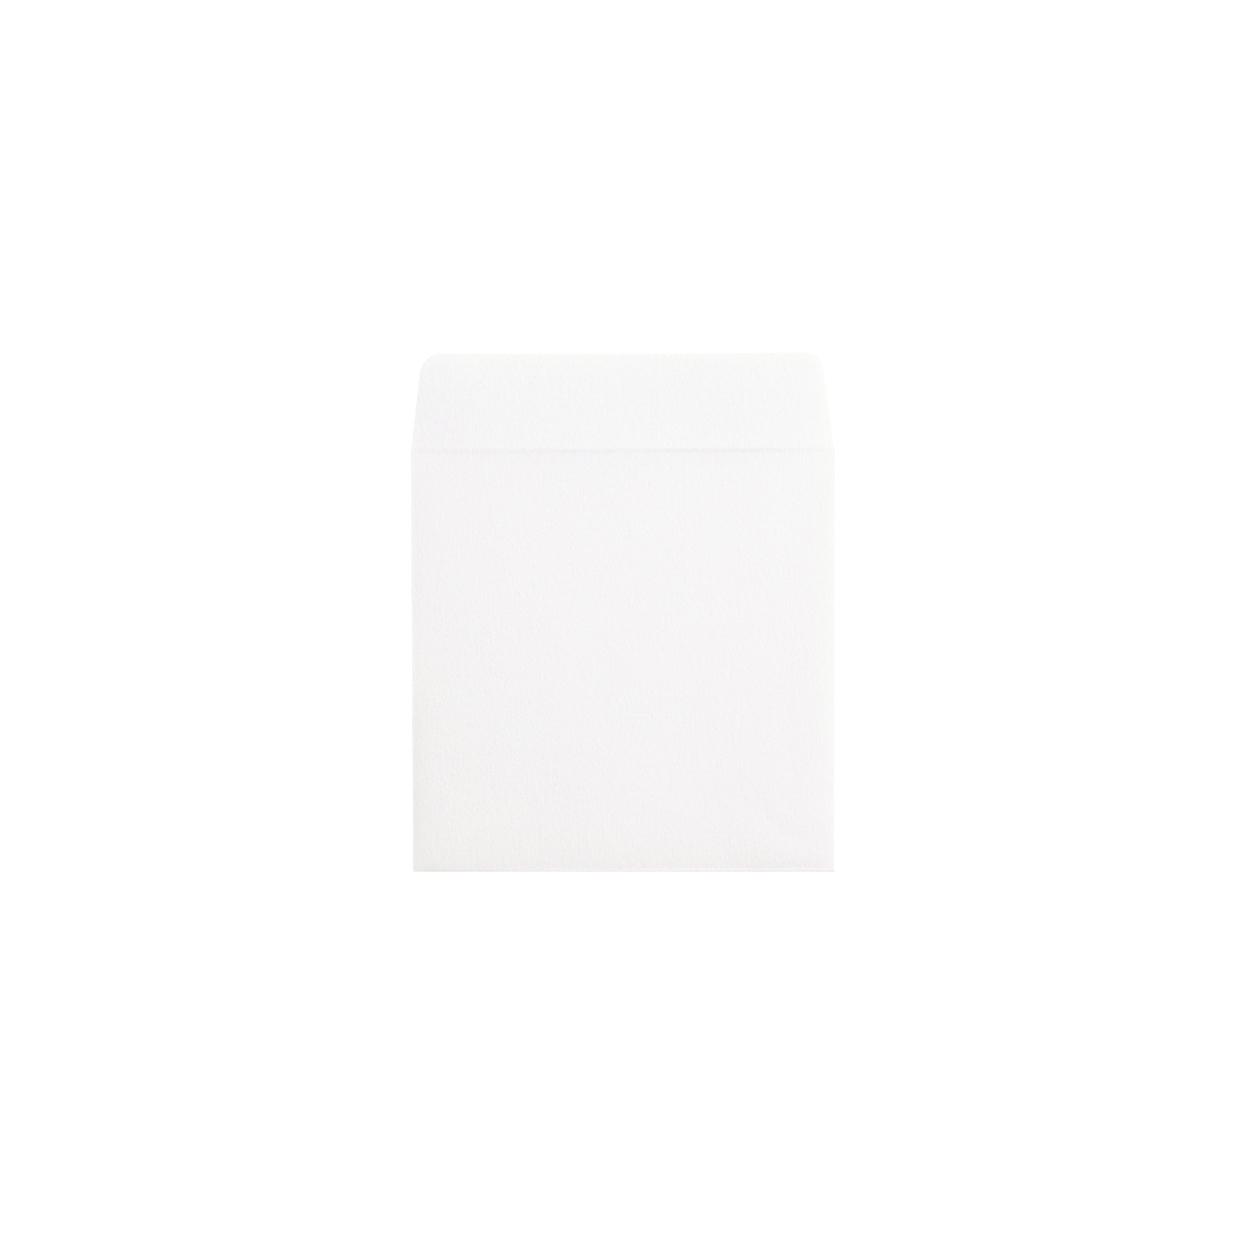 のし袋 中 コットン スノーホワイト 116.3g